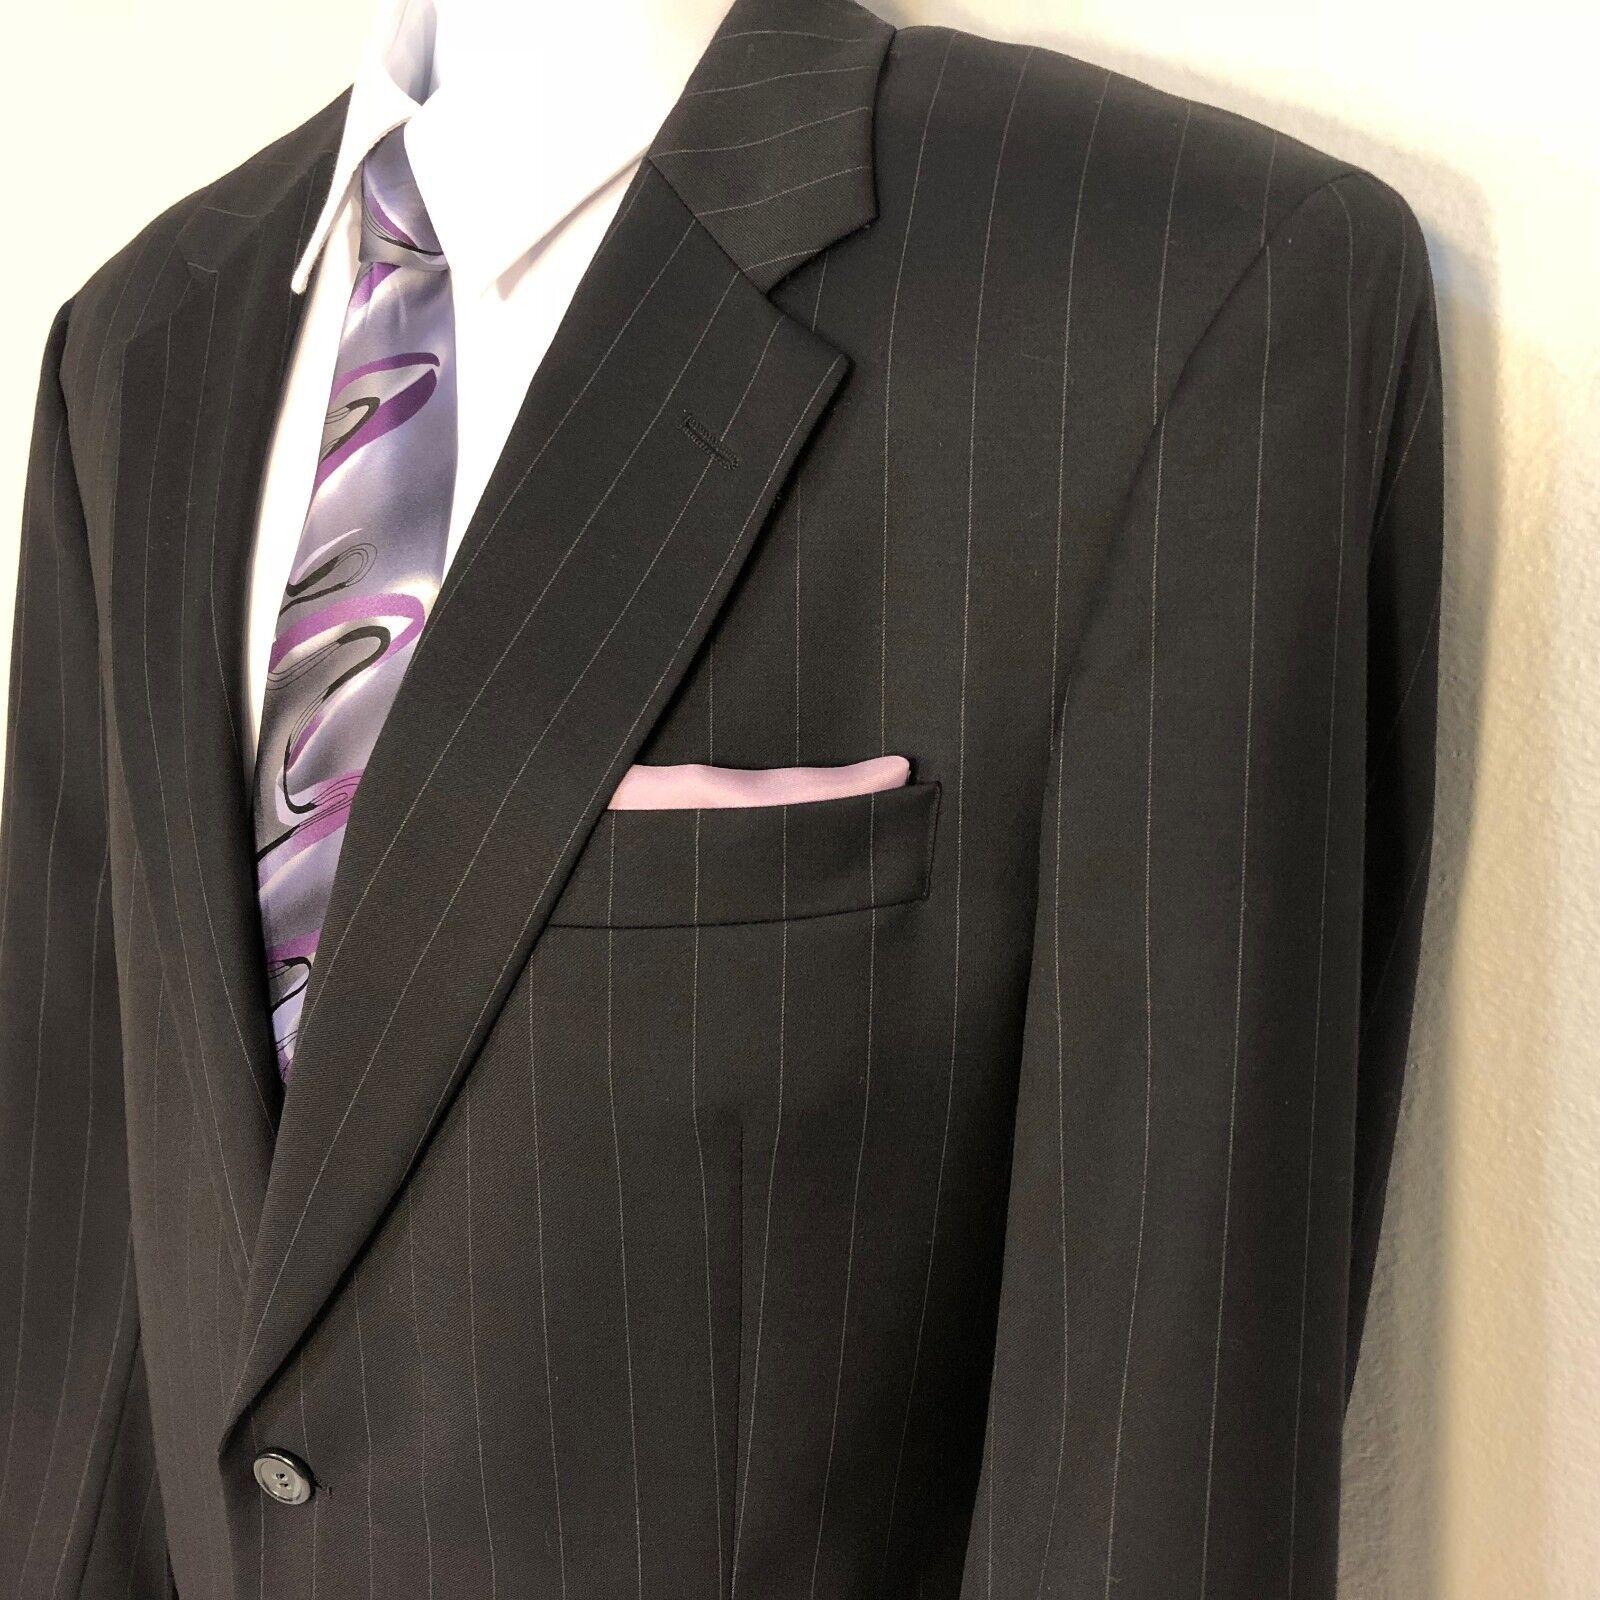 Claiborne navy Blau striped 2 piece suit men Größe 41L pants 35x33 Wool/Cashmere